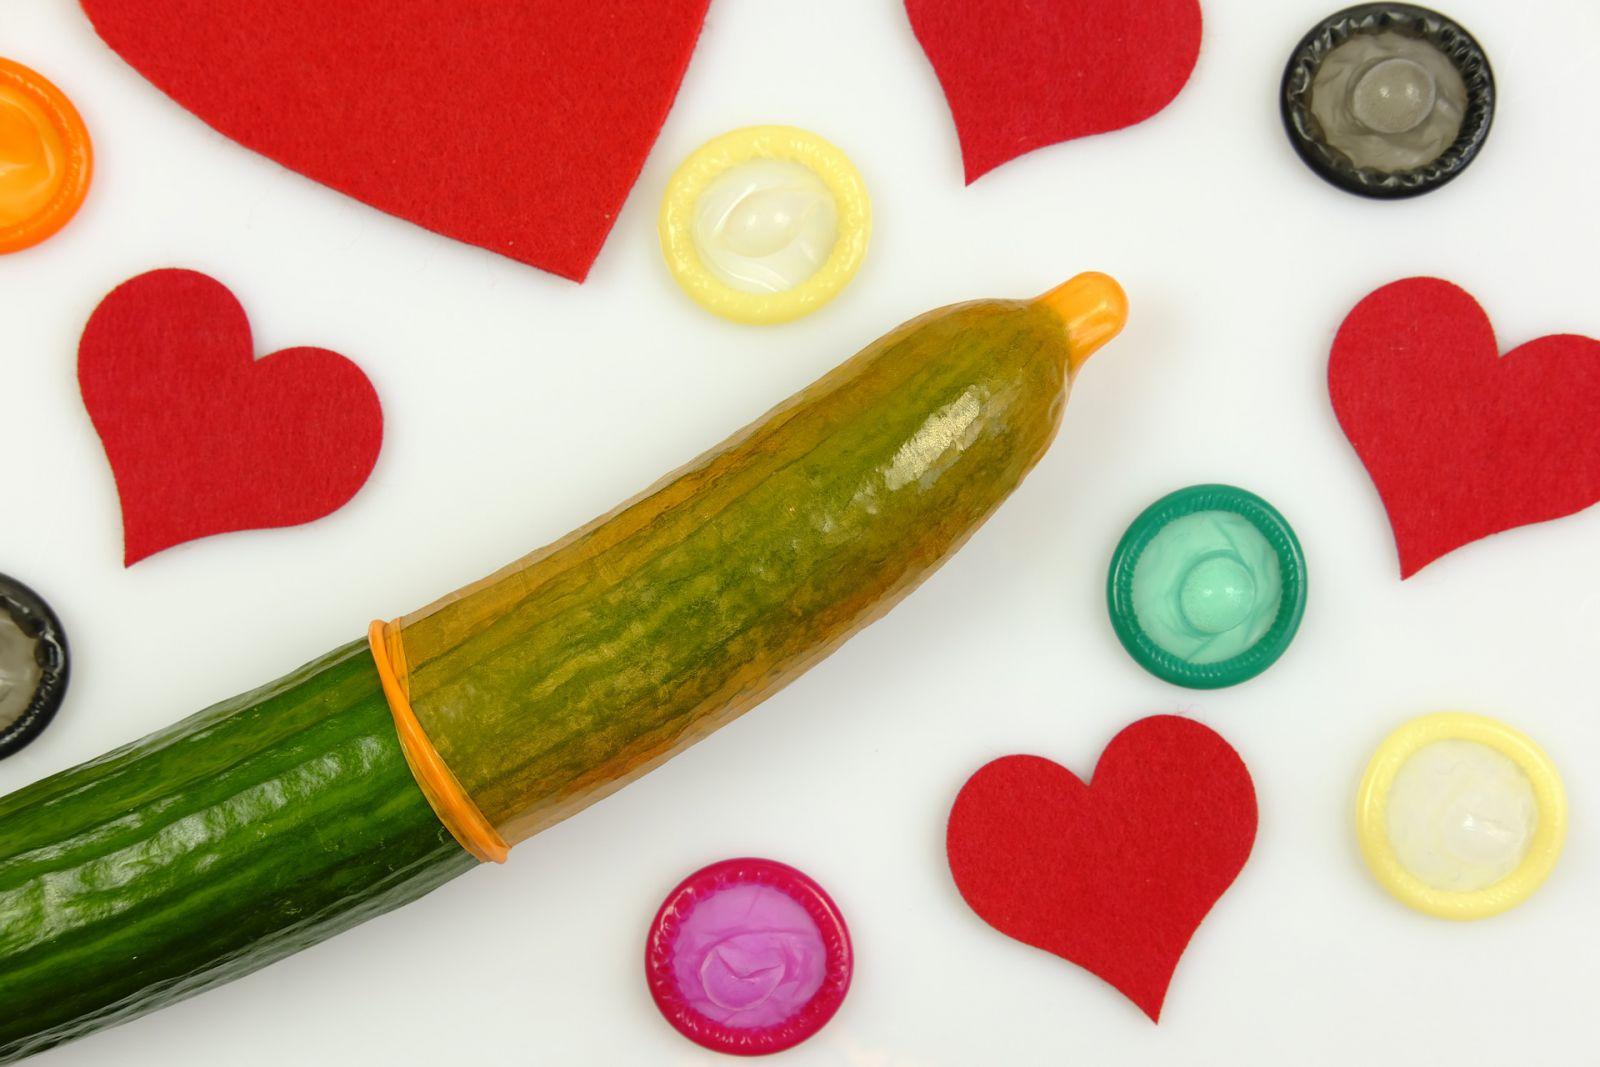 La taglia del preservativo è importante?